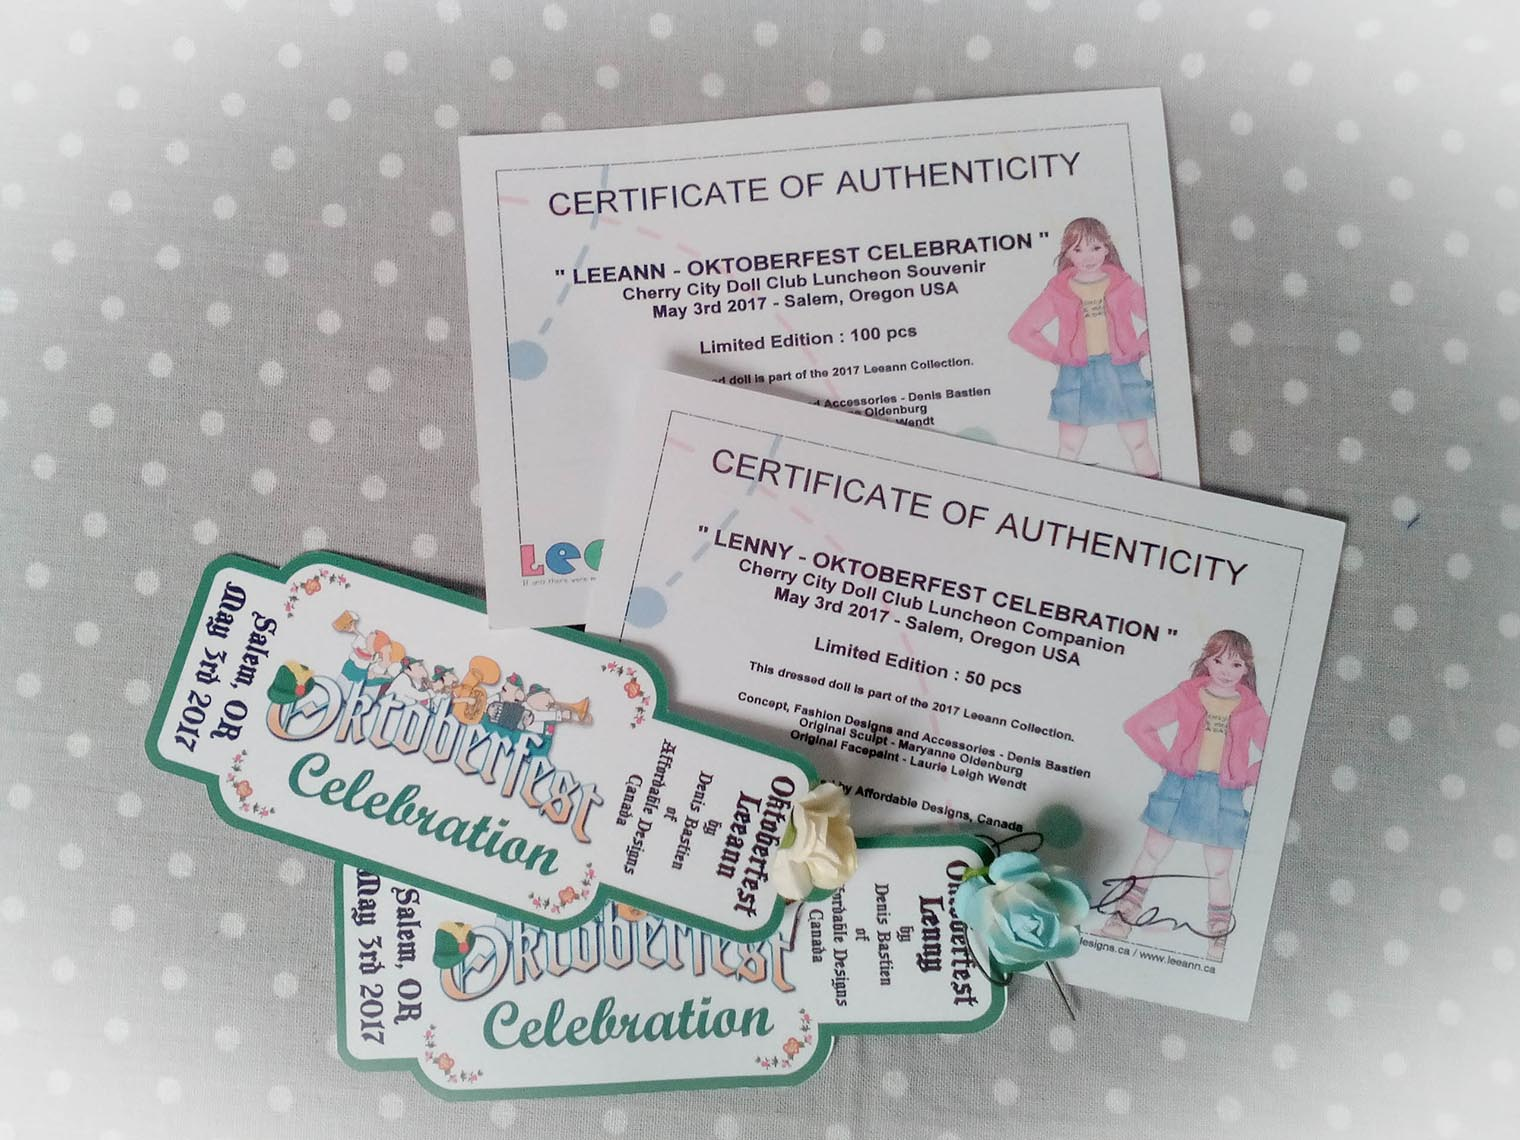 Certificate of authenticity. Denis  Bastien